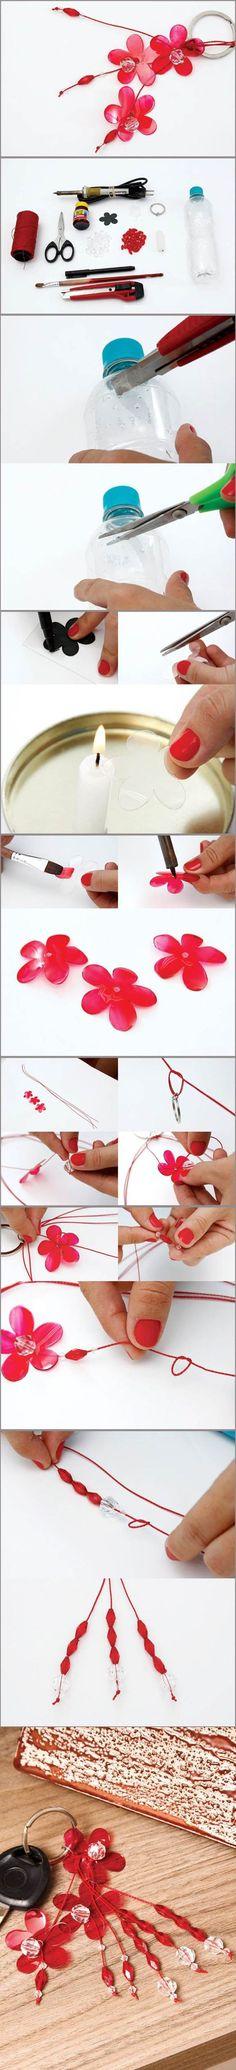 DIY Flower Key Chains from Plastic Bottle 2: